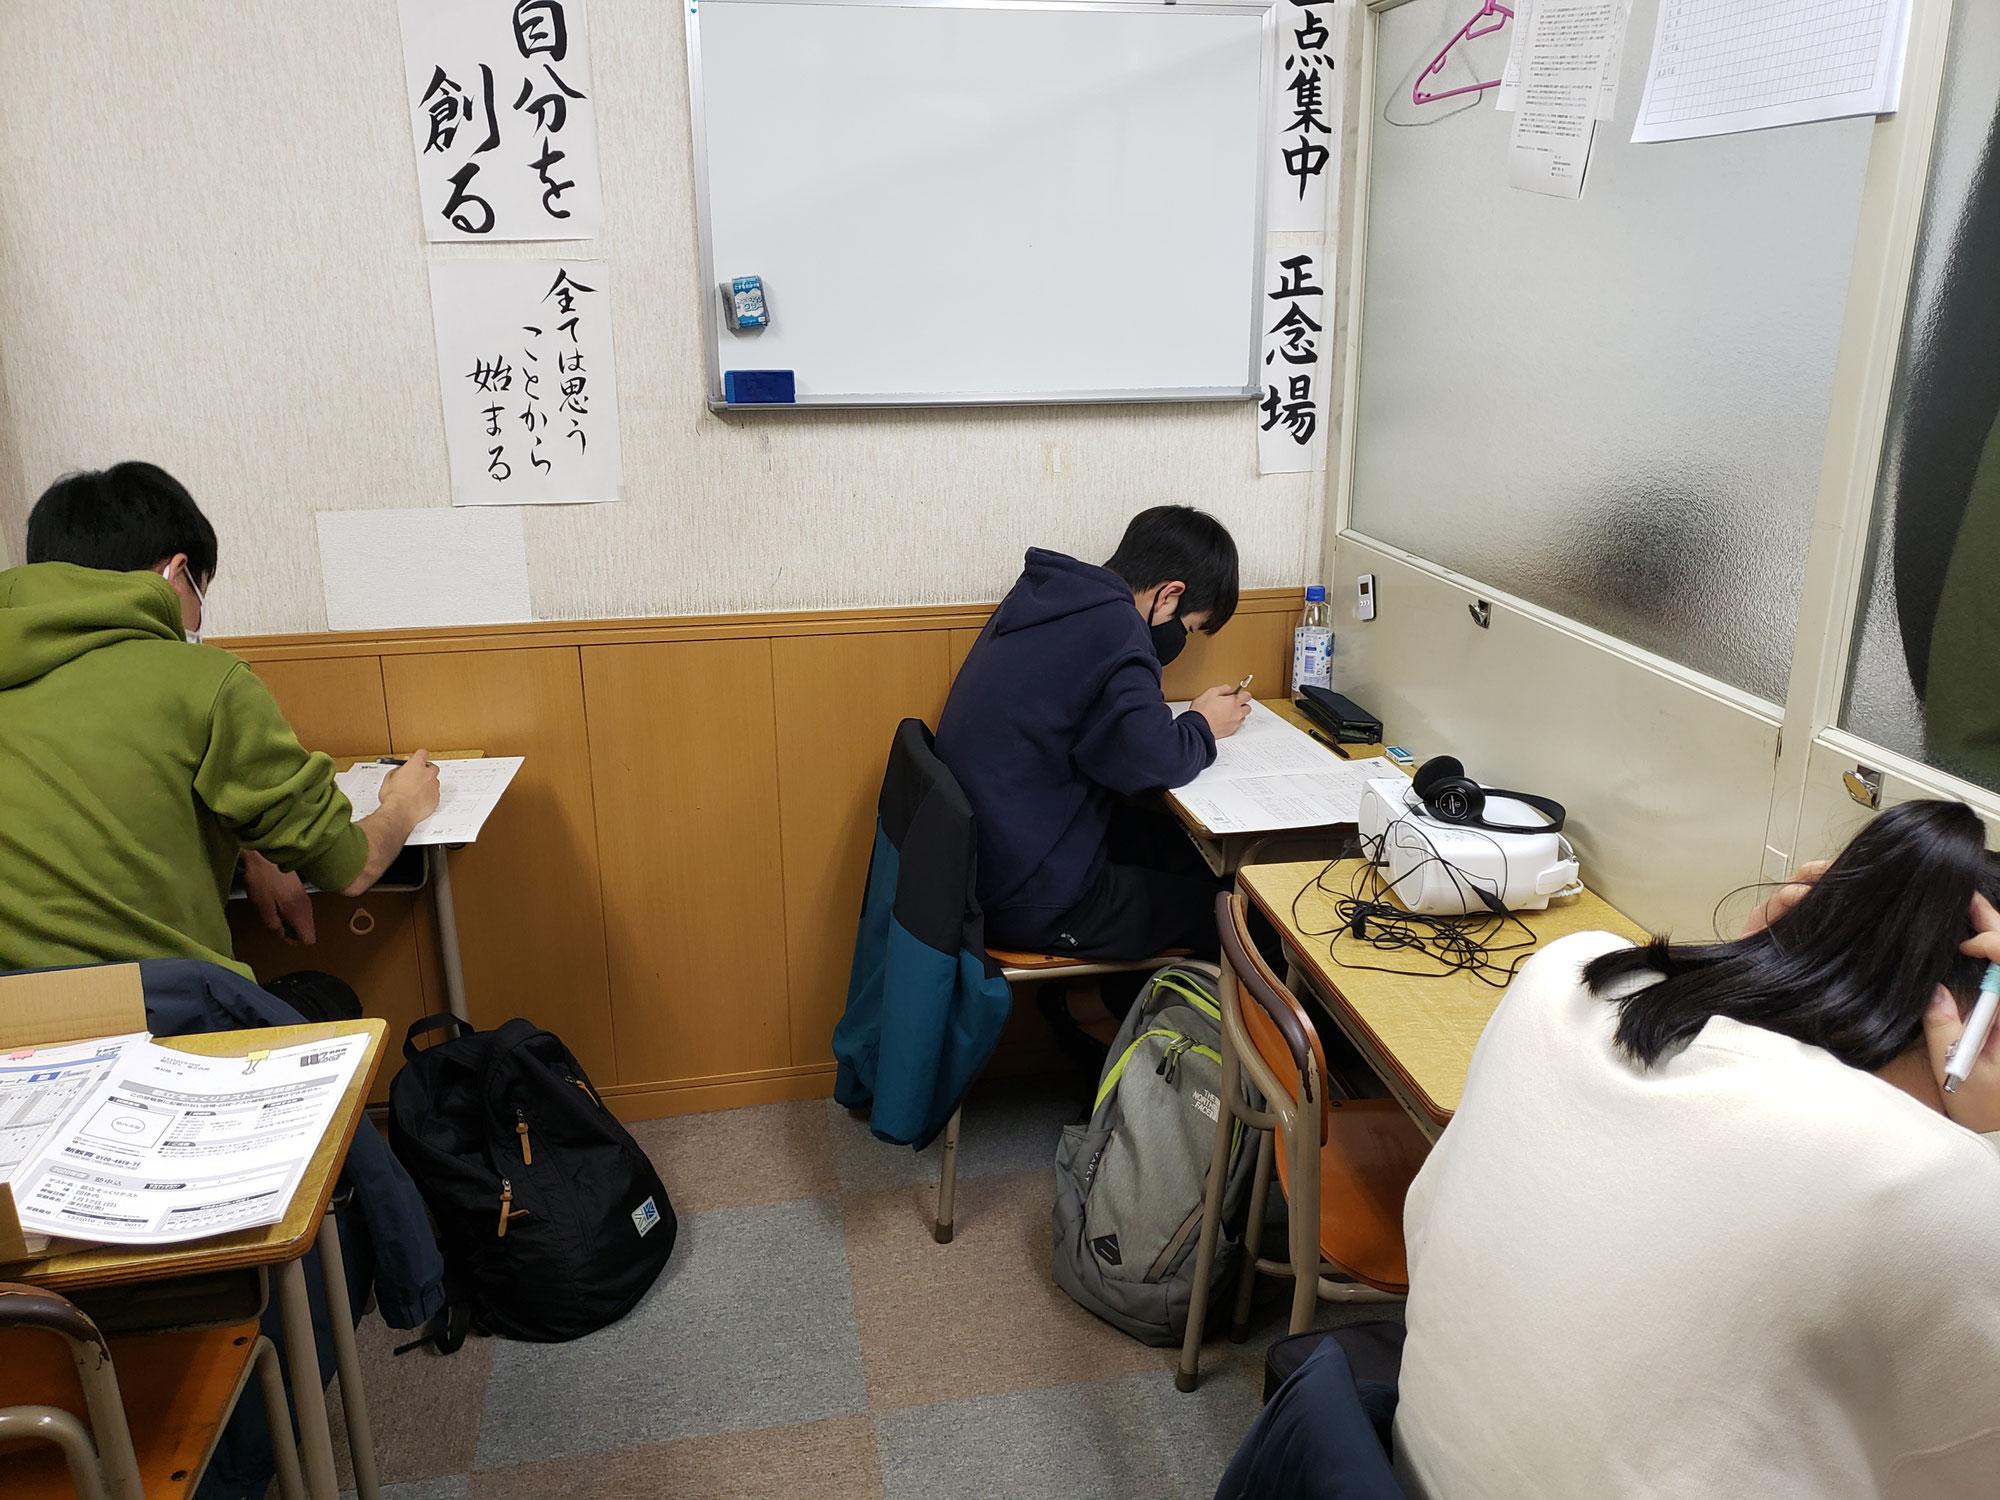 中学3年生、入試前最後の模擬試験に挑戦中。1時間1時間、1分1分を大事に使っていきましょうね